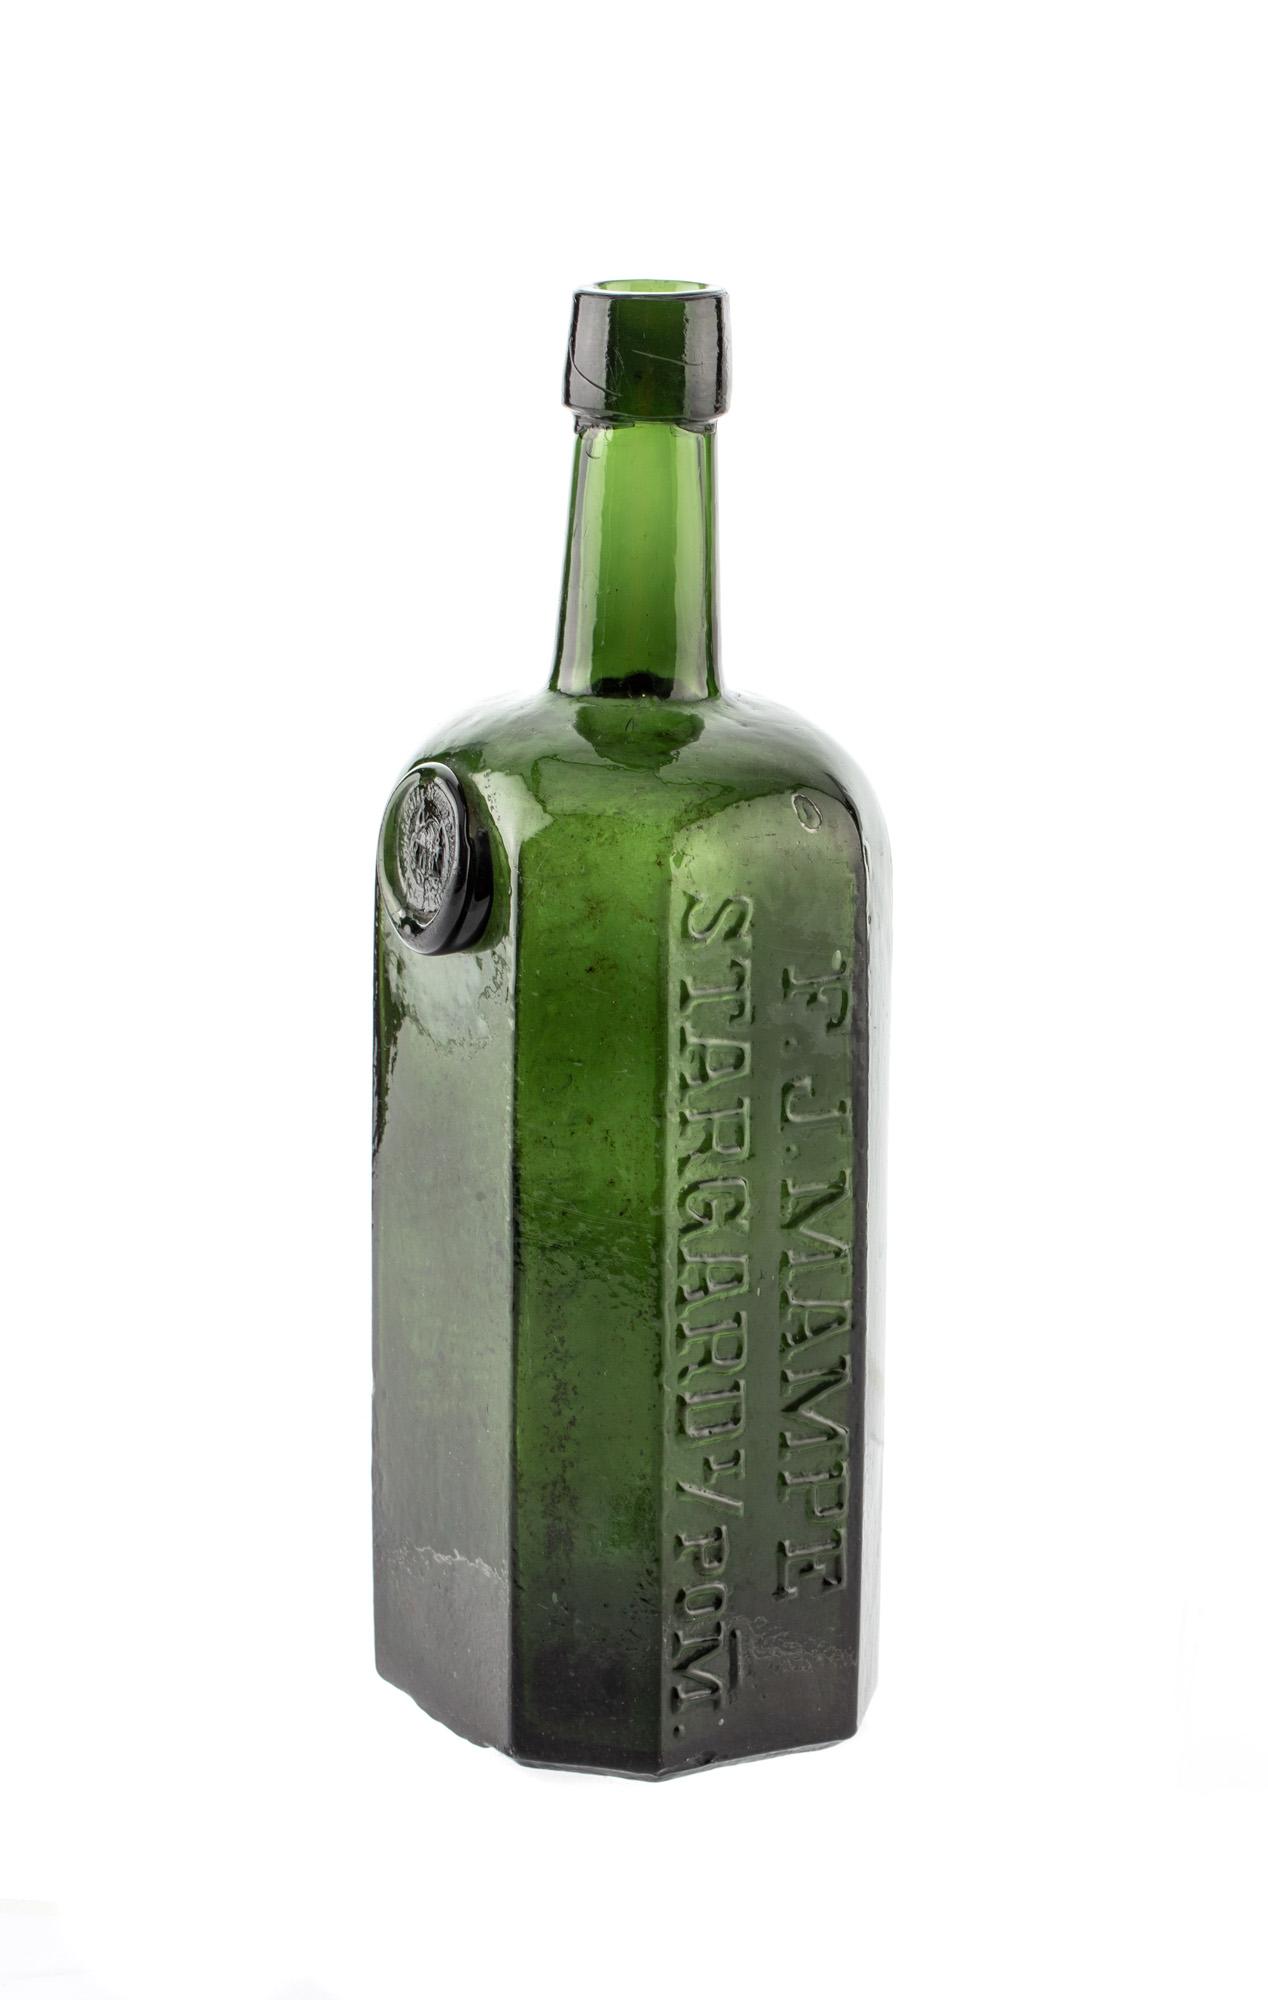 Butelka od likieru, 2 poł. XIX w.